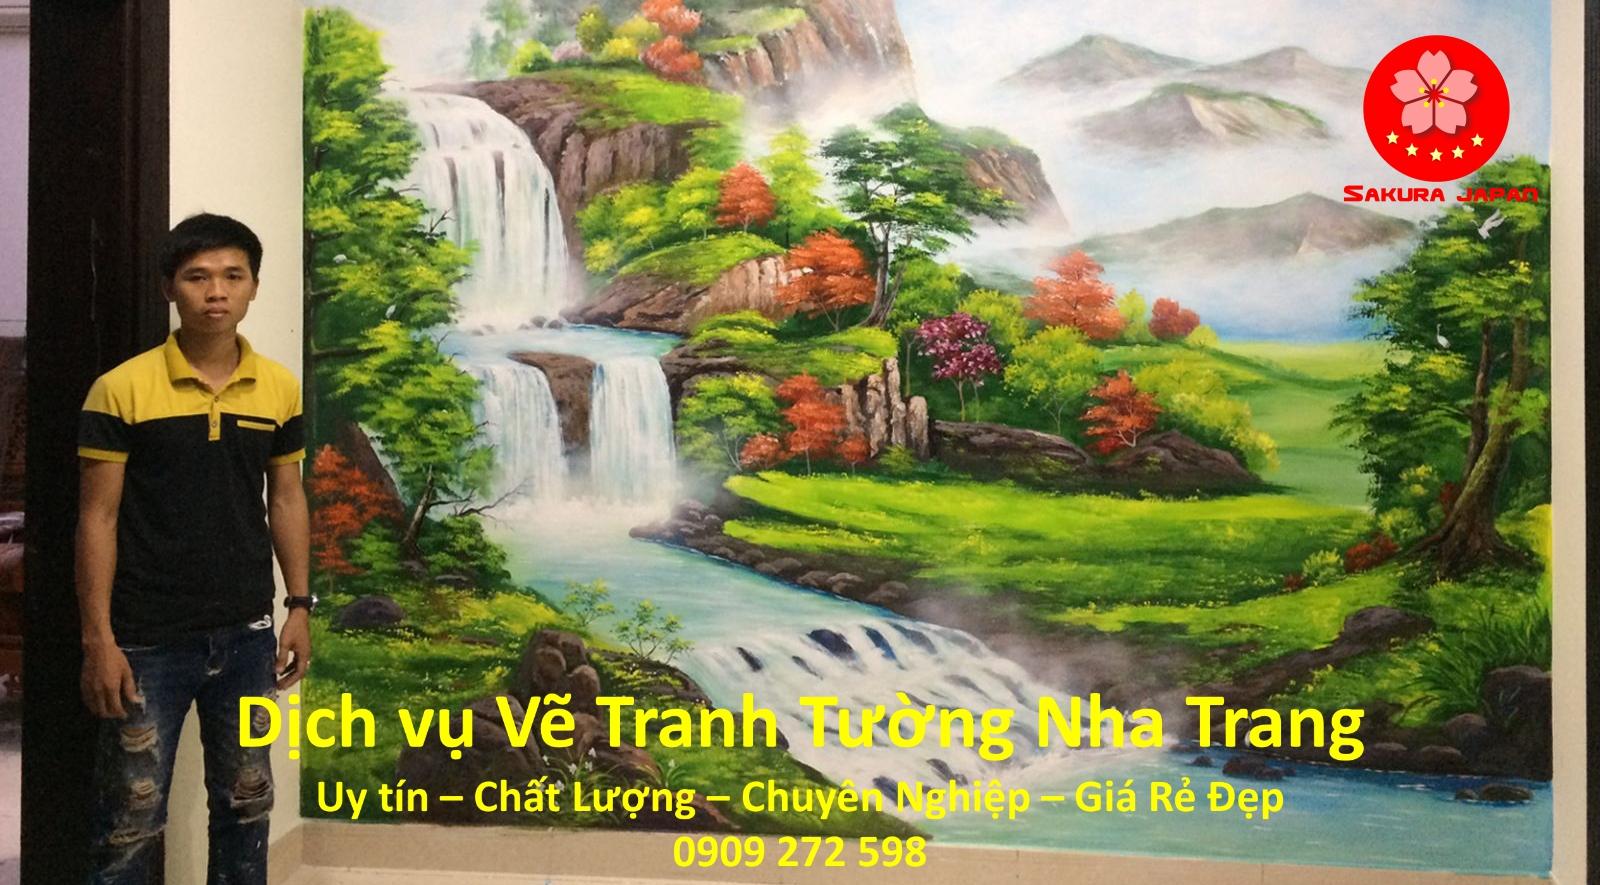 Dịch vụ Vẽ Tranh Tường Nha Trang uy tín rẻ Đẹp Nhất Sakura